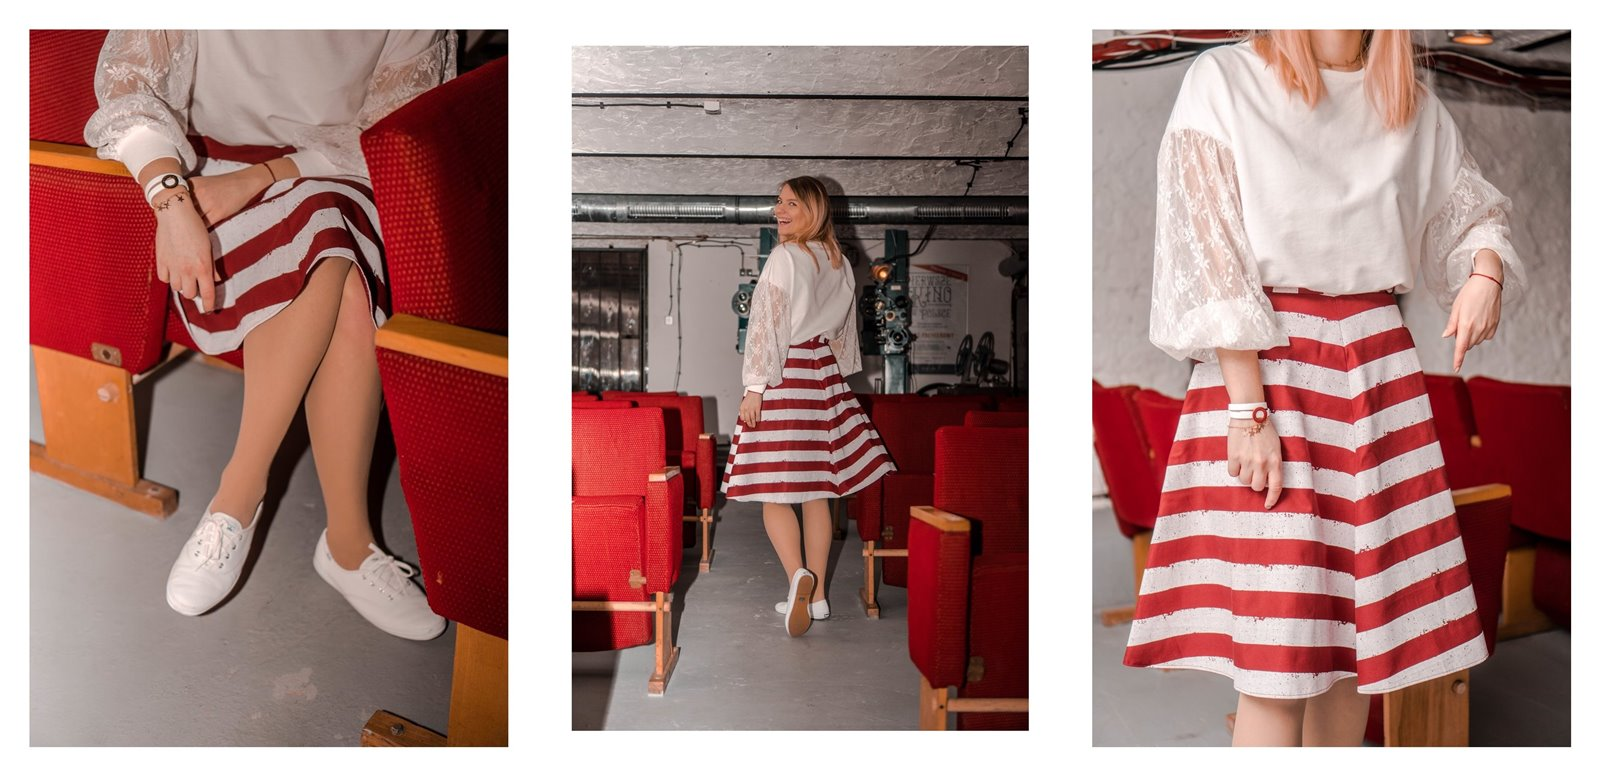 4a Skirt story spódnice szyte na miarę krawiectwo krawcowa online pomysł na prezent dla żony narzeczonej mamy szycie spódnic kraków łódź stylowe hotele stare kino w łodzi opinie recenzje pokoje gdzie się zatrzymać